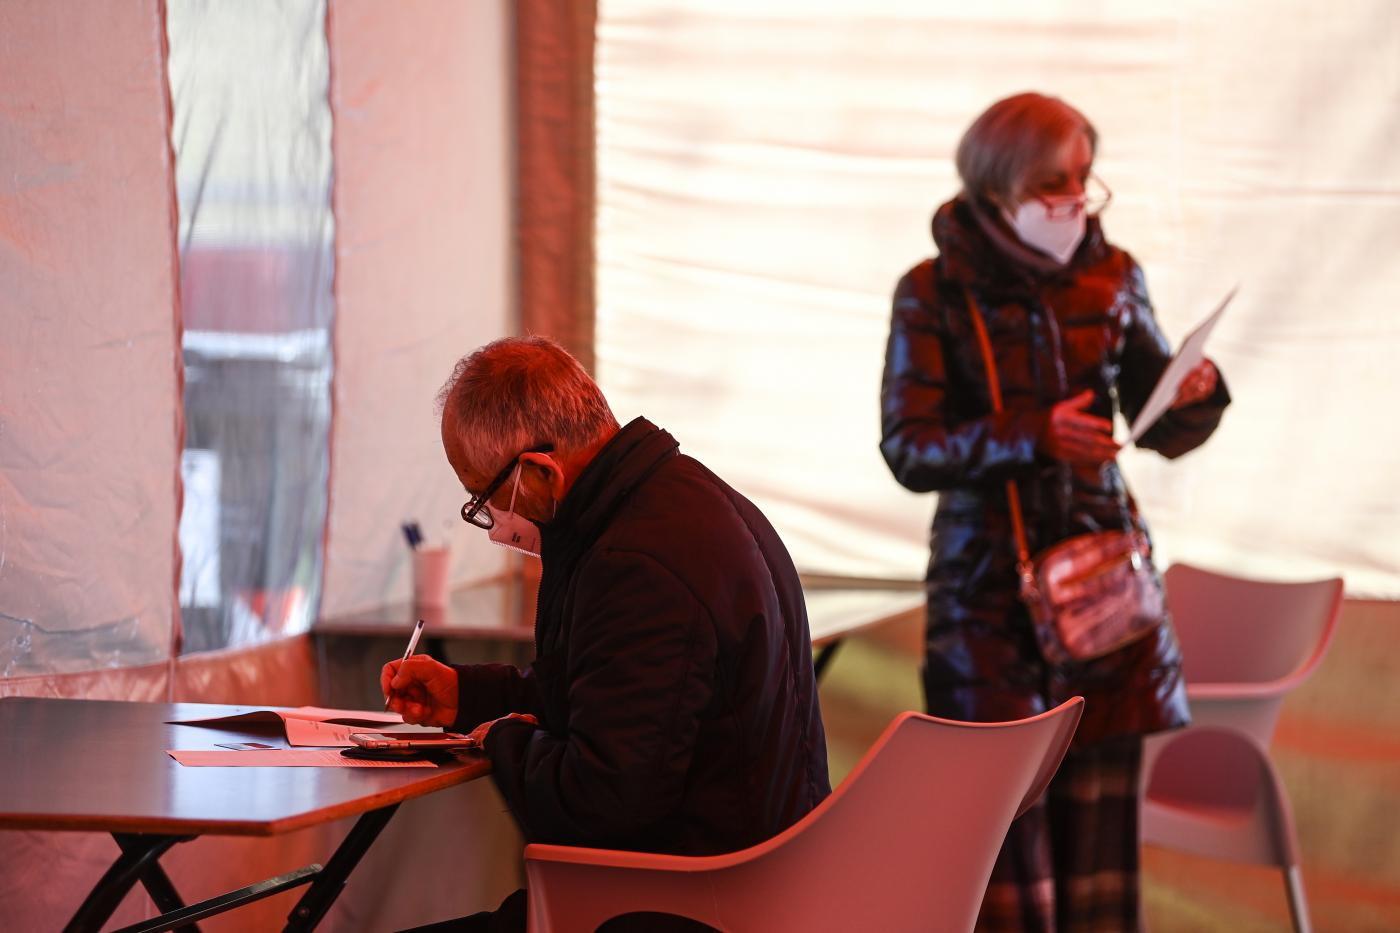 Oggi, mercoled&igrave; 24 marzo, sono iniziate le prime vaccinazioni (100, destinate al personale scolastico) contro il Covid anche presso l&#39;hotspot dell&#39;Allianz Stadium, struttura voluta dalla Regione Piemonte e realizzata in collaborazione con il Comune di Torino, Juventus Football Club, Asl Citt&agrave; di Torino e Arpa Piemonte. La struttura, che era stata inaugurata lo scorso novembre per l&rsquo;effettuazione dei tamponi naso-faringei in modalit&agrave; drive through, &egrave; stata convertita in punto vaccinale in 48 ore con l&rsquo;aiuto delle Truppe Alpine dell&#39;Esercito Italiano (gli alpini della Brigata &quot;Taurinense&quot;), che avevano gi&agrave; supportato l&rsquo;allestimento in autunno. Il punto vaccinale si trova all&rsquo;interno del Parcheggio 10 dello stadio (entrata da via Druento) e sar&agrave; operativo con orario 8-14 dal luned&igrave; al sabato, riservato esclusivamente a chi &egrave; stato convocato dall&#39;Asl<br /><br />